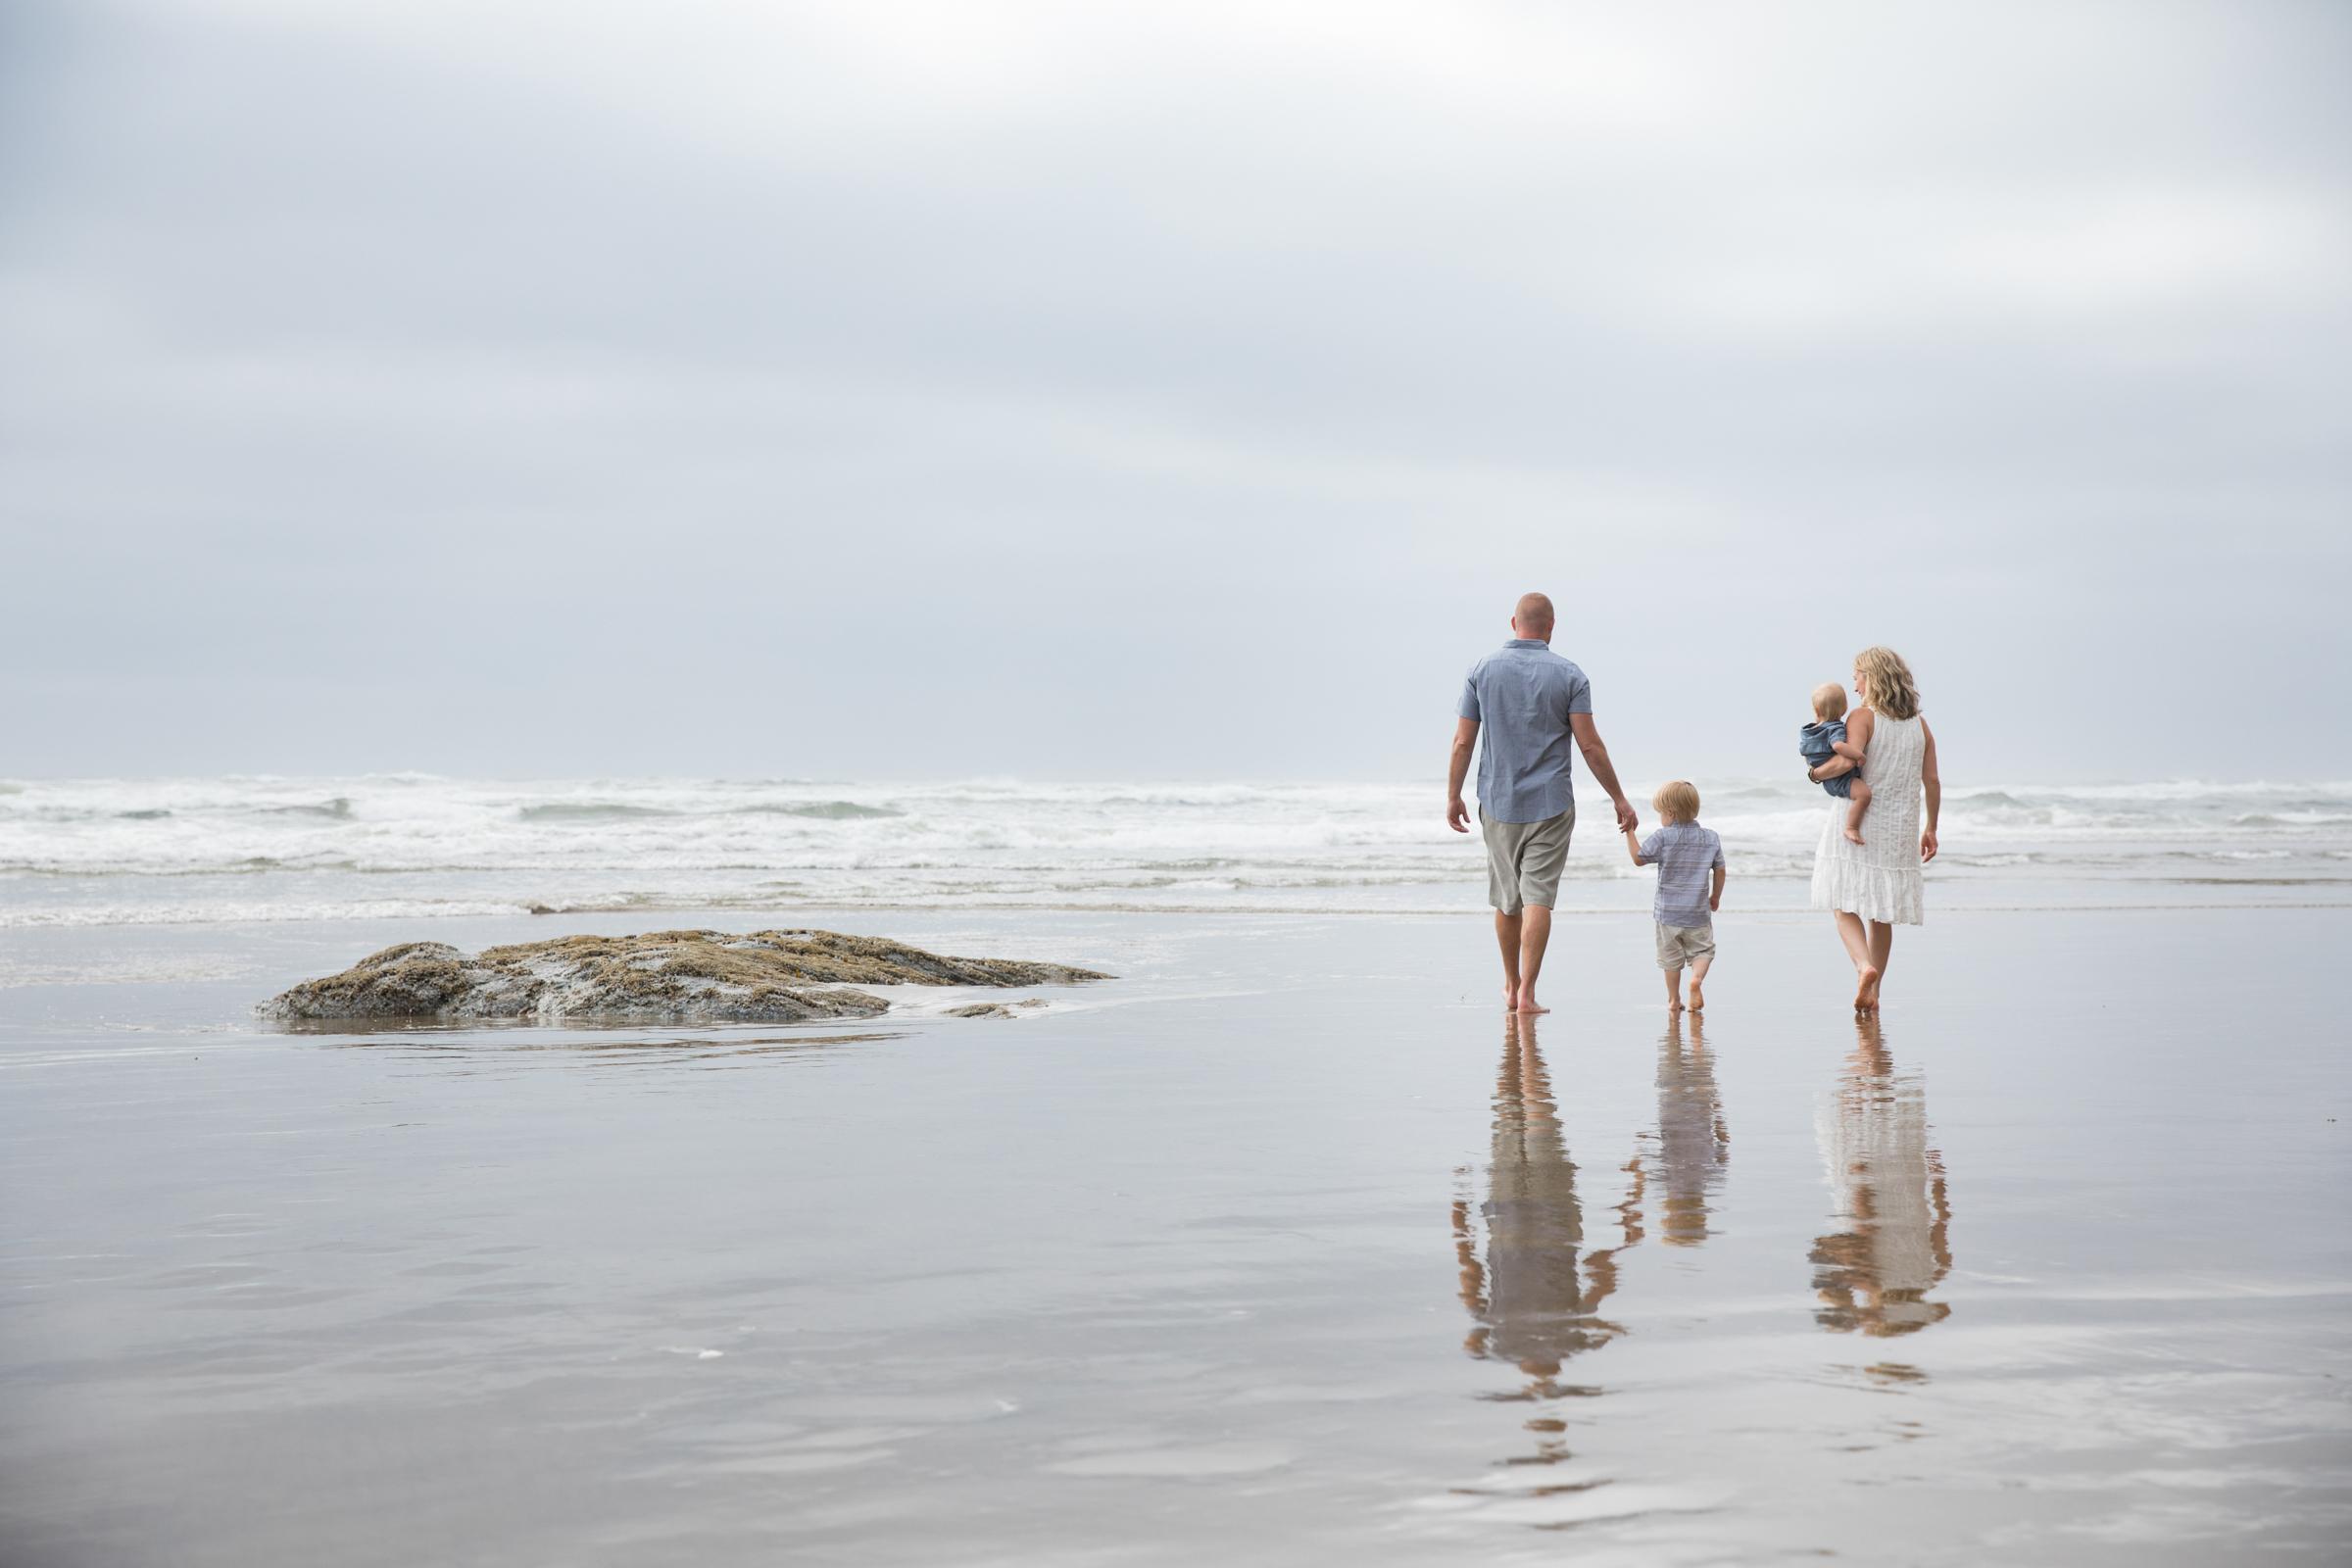 A_Day_On_The_Beach.jpg